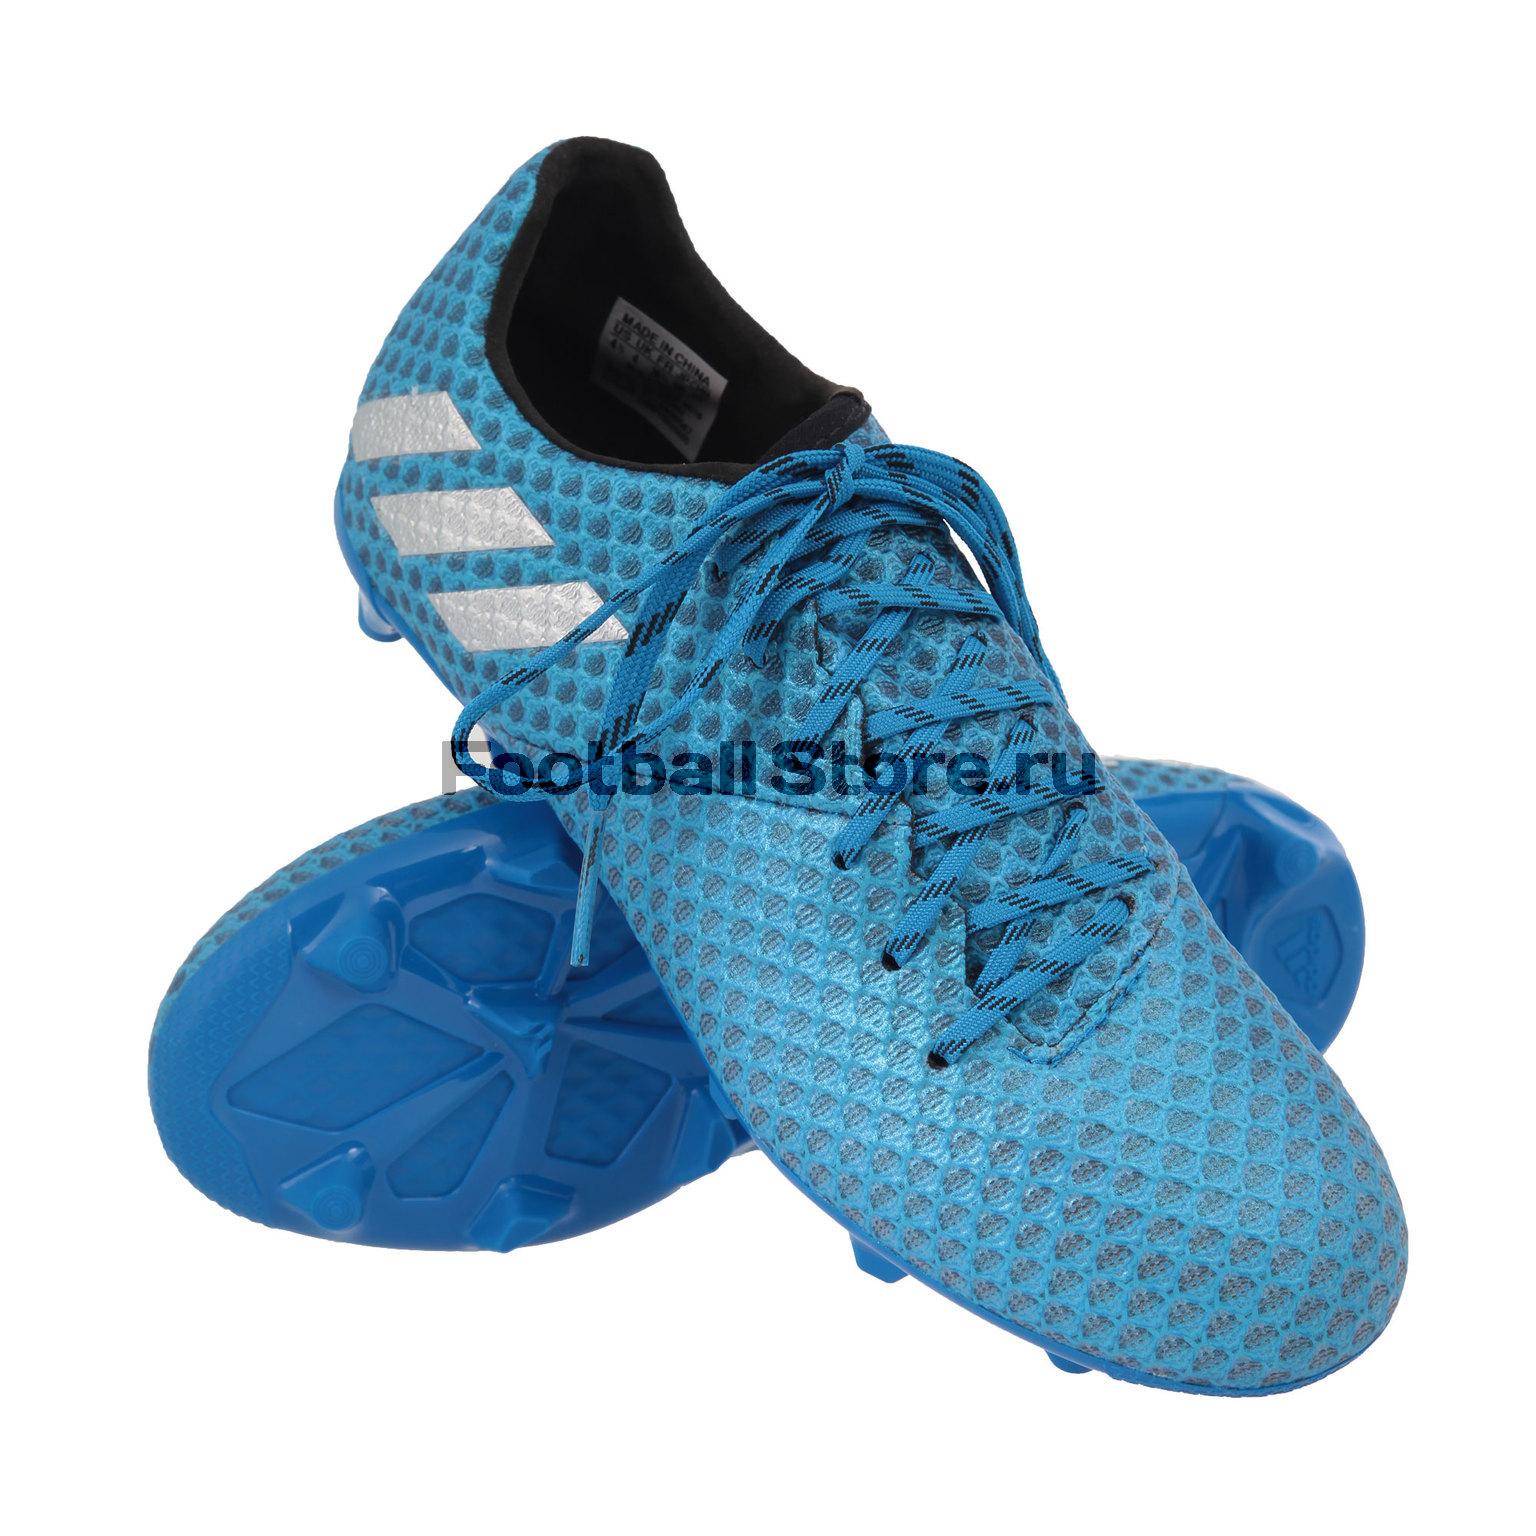 Детские бутсы Adidas Бутсы Adidas Messi 16.1 FG JR BB3852 adidas бутсы adidas messi 15 3 jr af4665